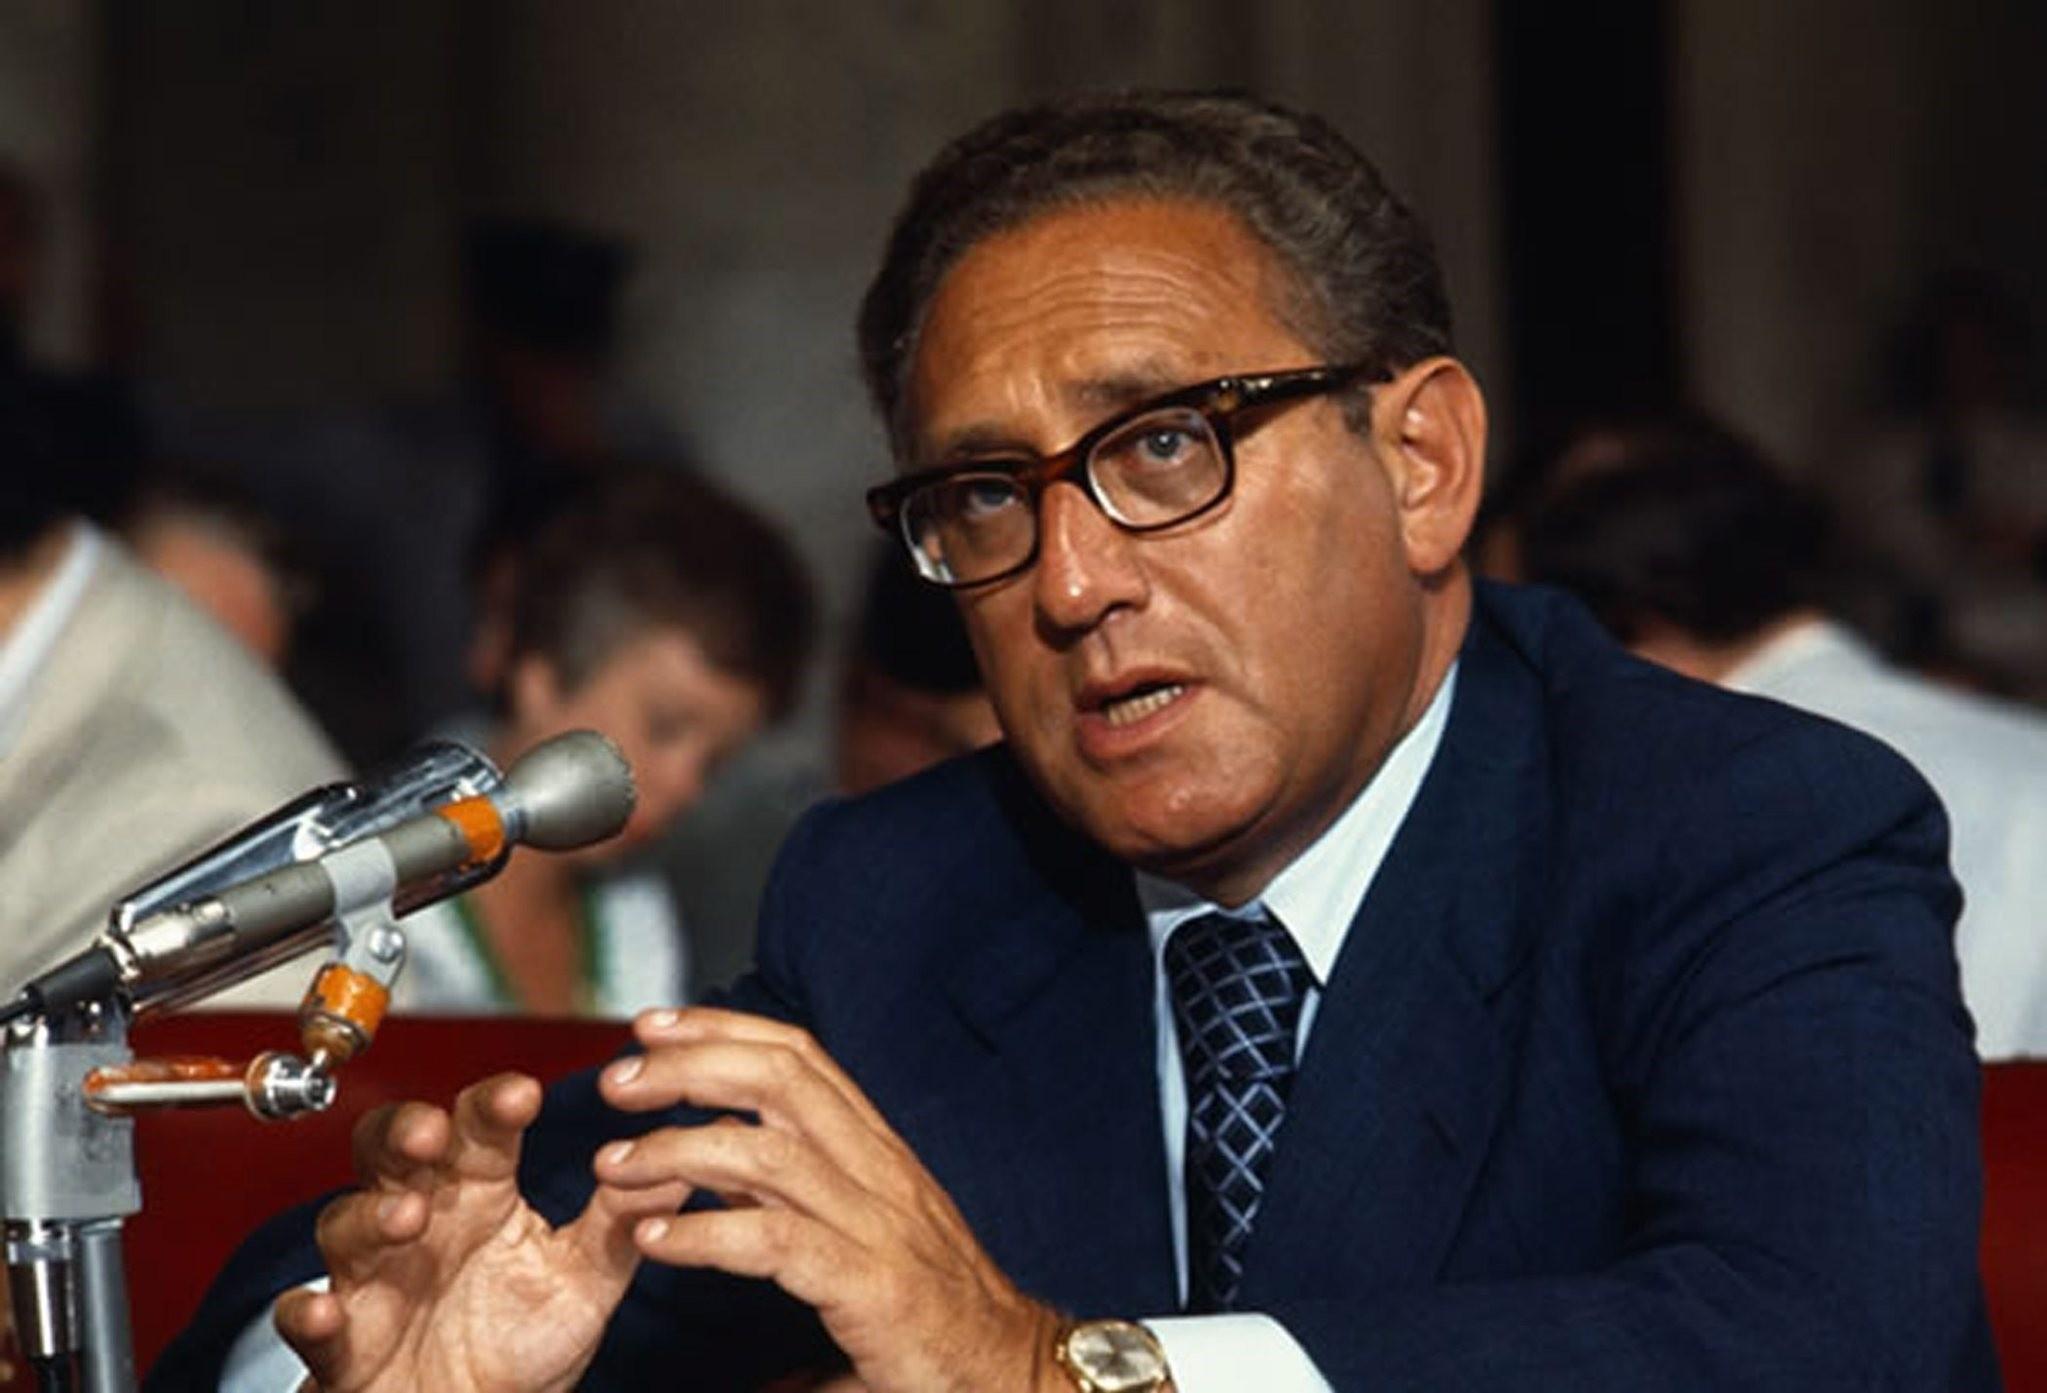 Late U.S. Secretary of State Henry Kissinger